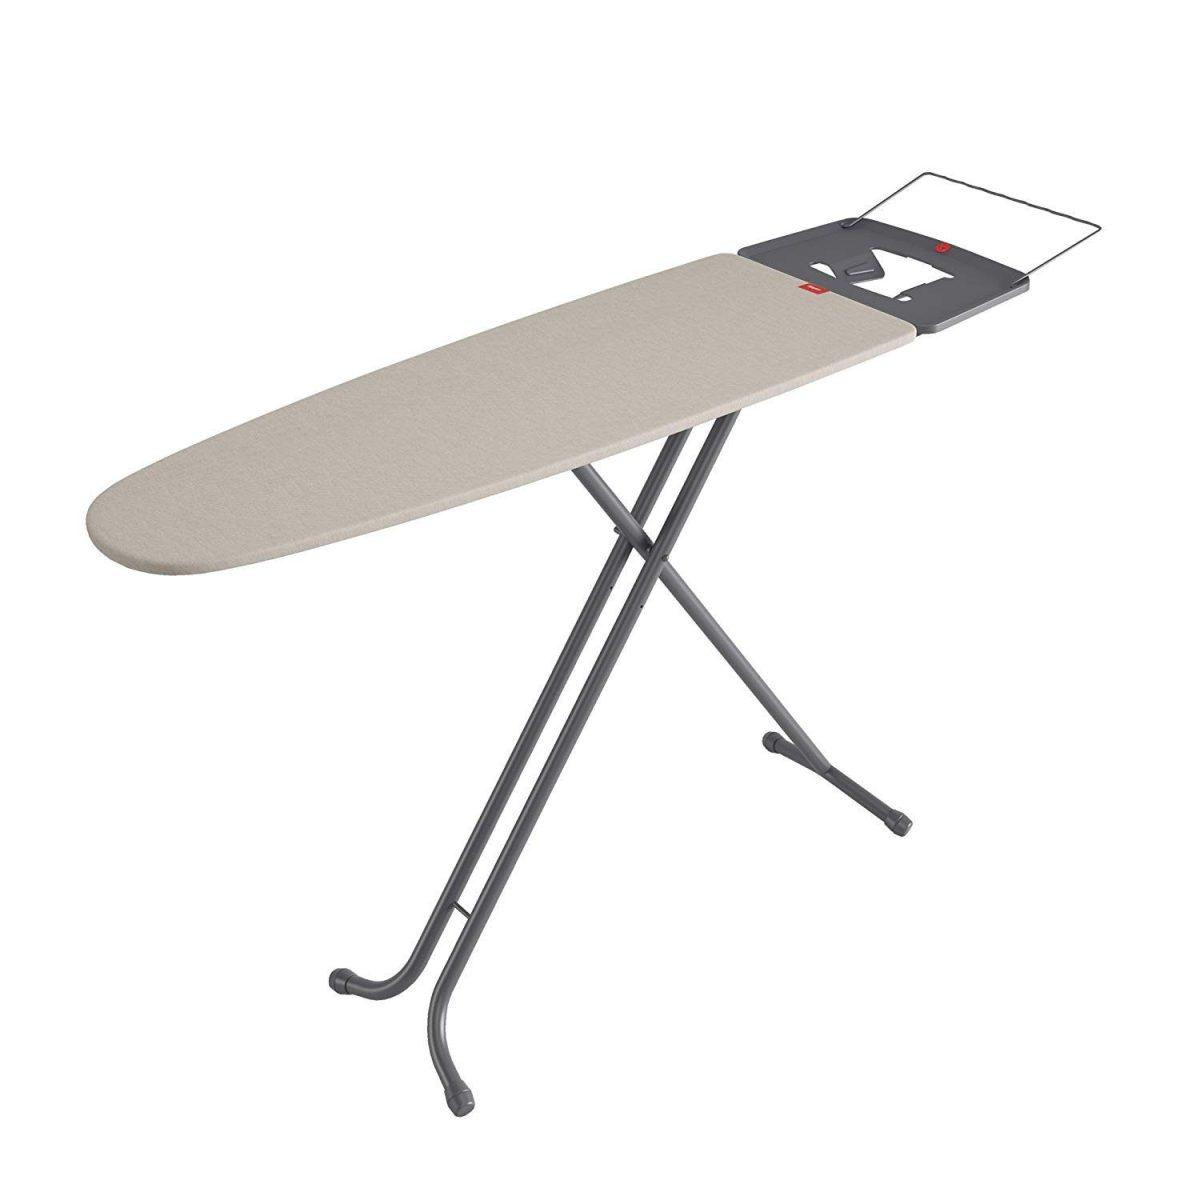 Tabla de planchar Rayen 40 x 120 cms